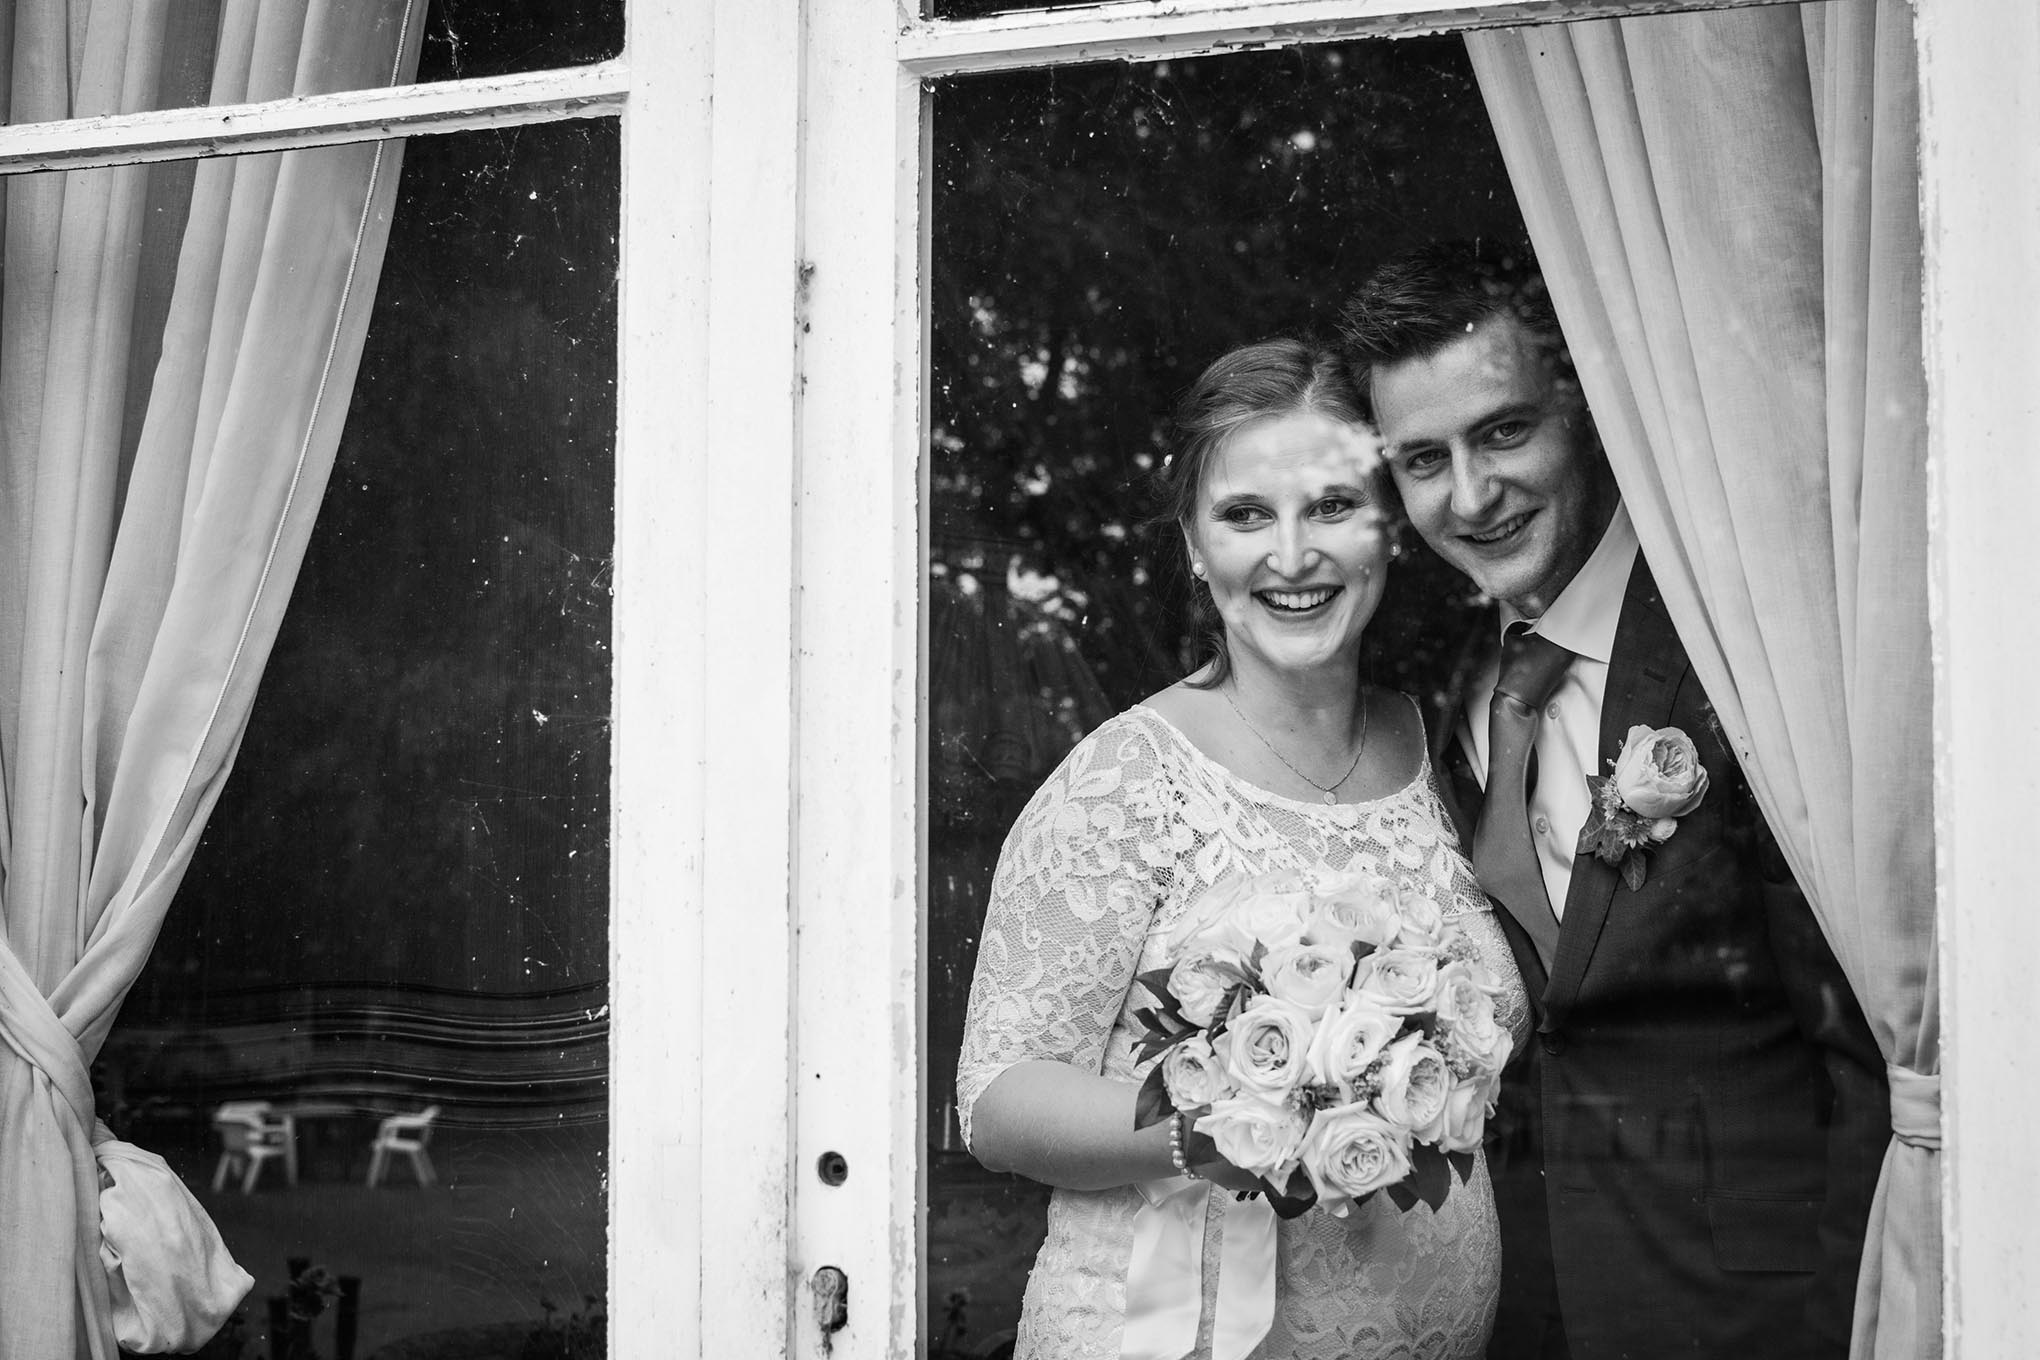 Koppel poseert tijdens hun huwelijk voor een raam in het kasteel van Bossuyt in de regio Kortrijk.